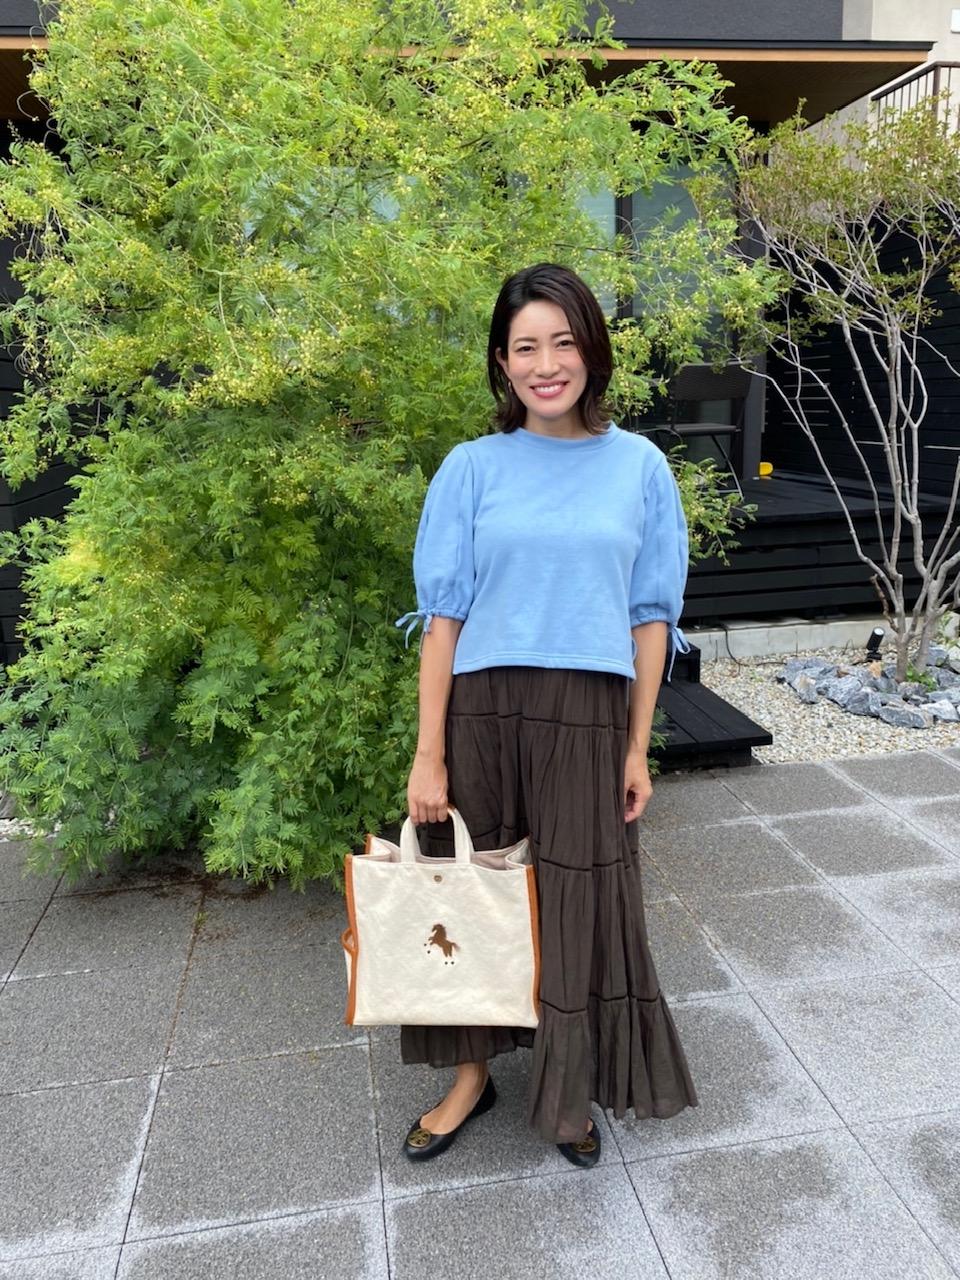 マタニティアイテムを使わない、妊娠8カ月の夏のマタニティコーデ。スウェット×ロングスカート。